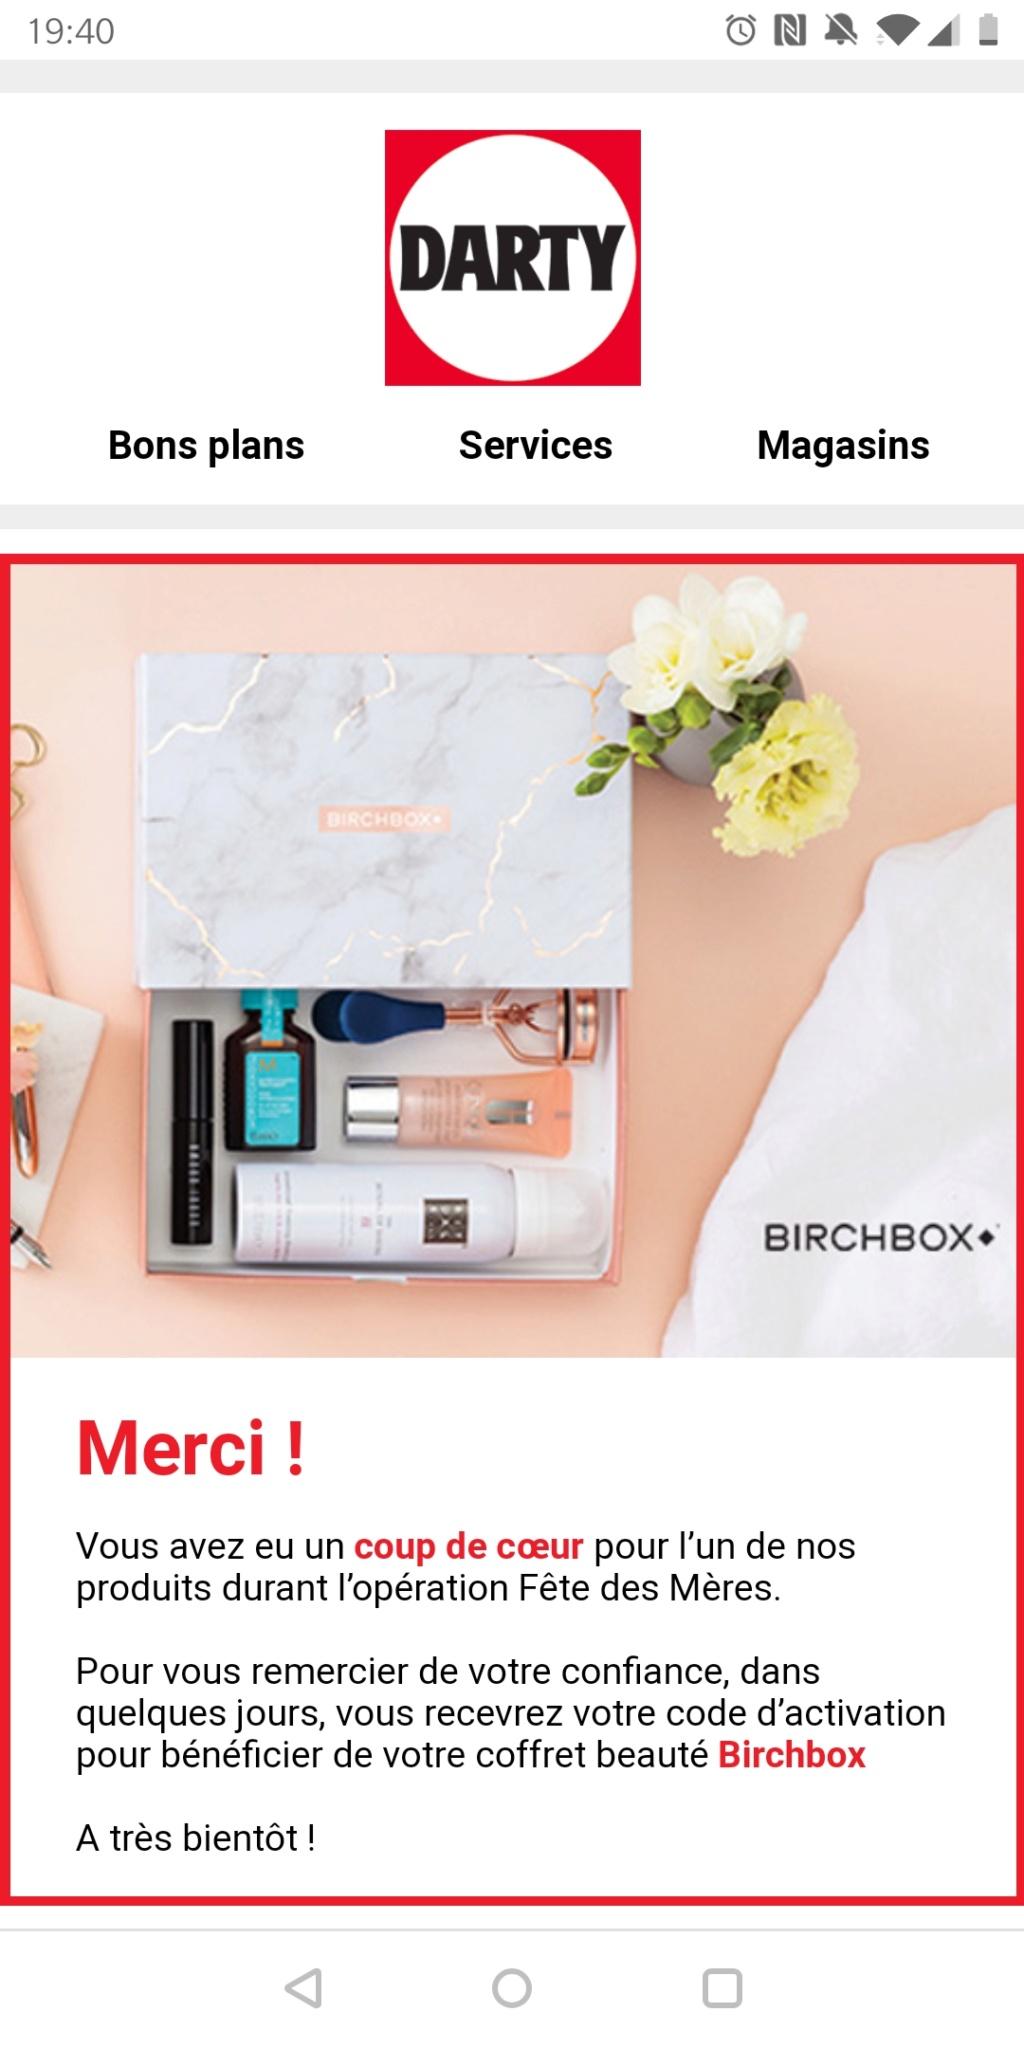 [Juin 2019] Birchbox   Screen13